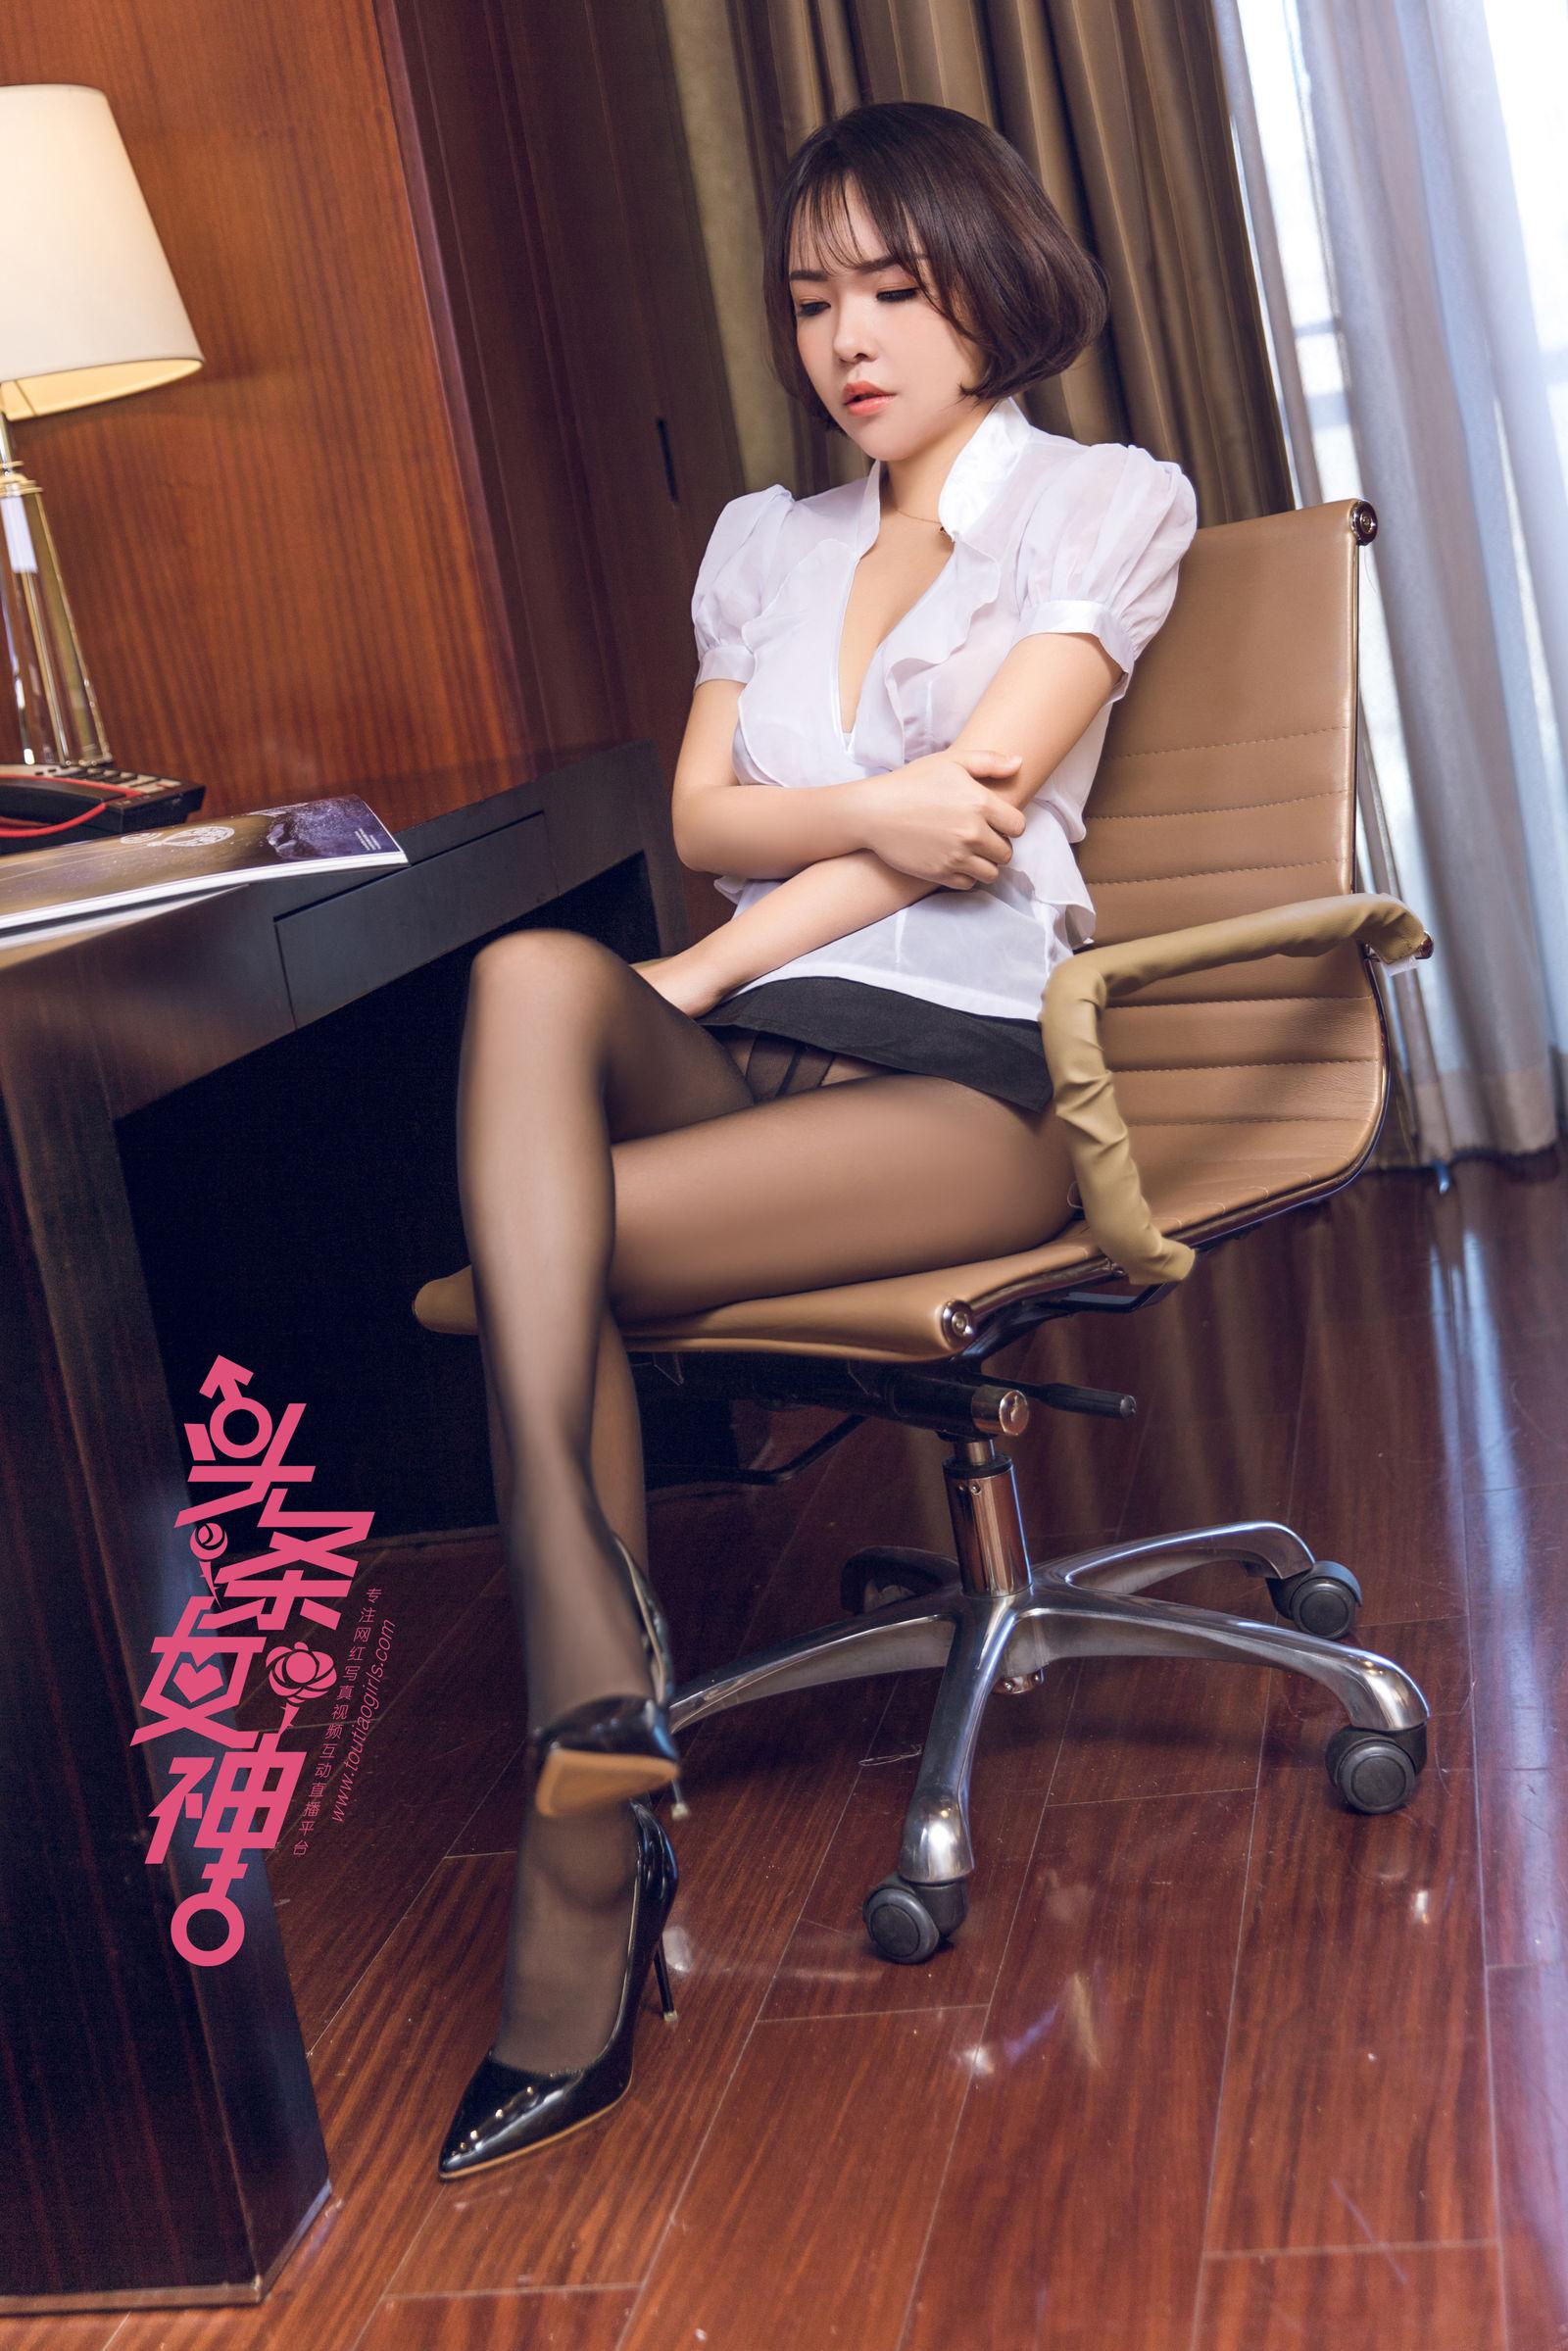 唐雅雯 - 总裁助理